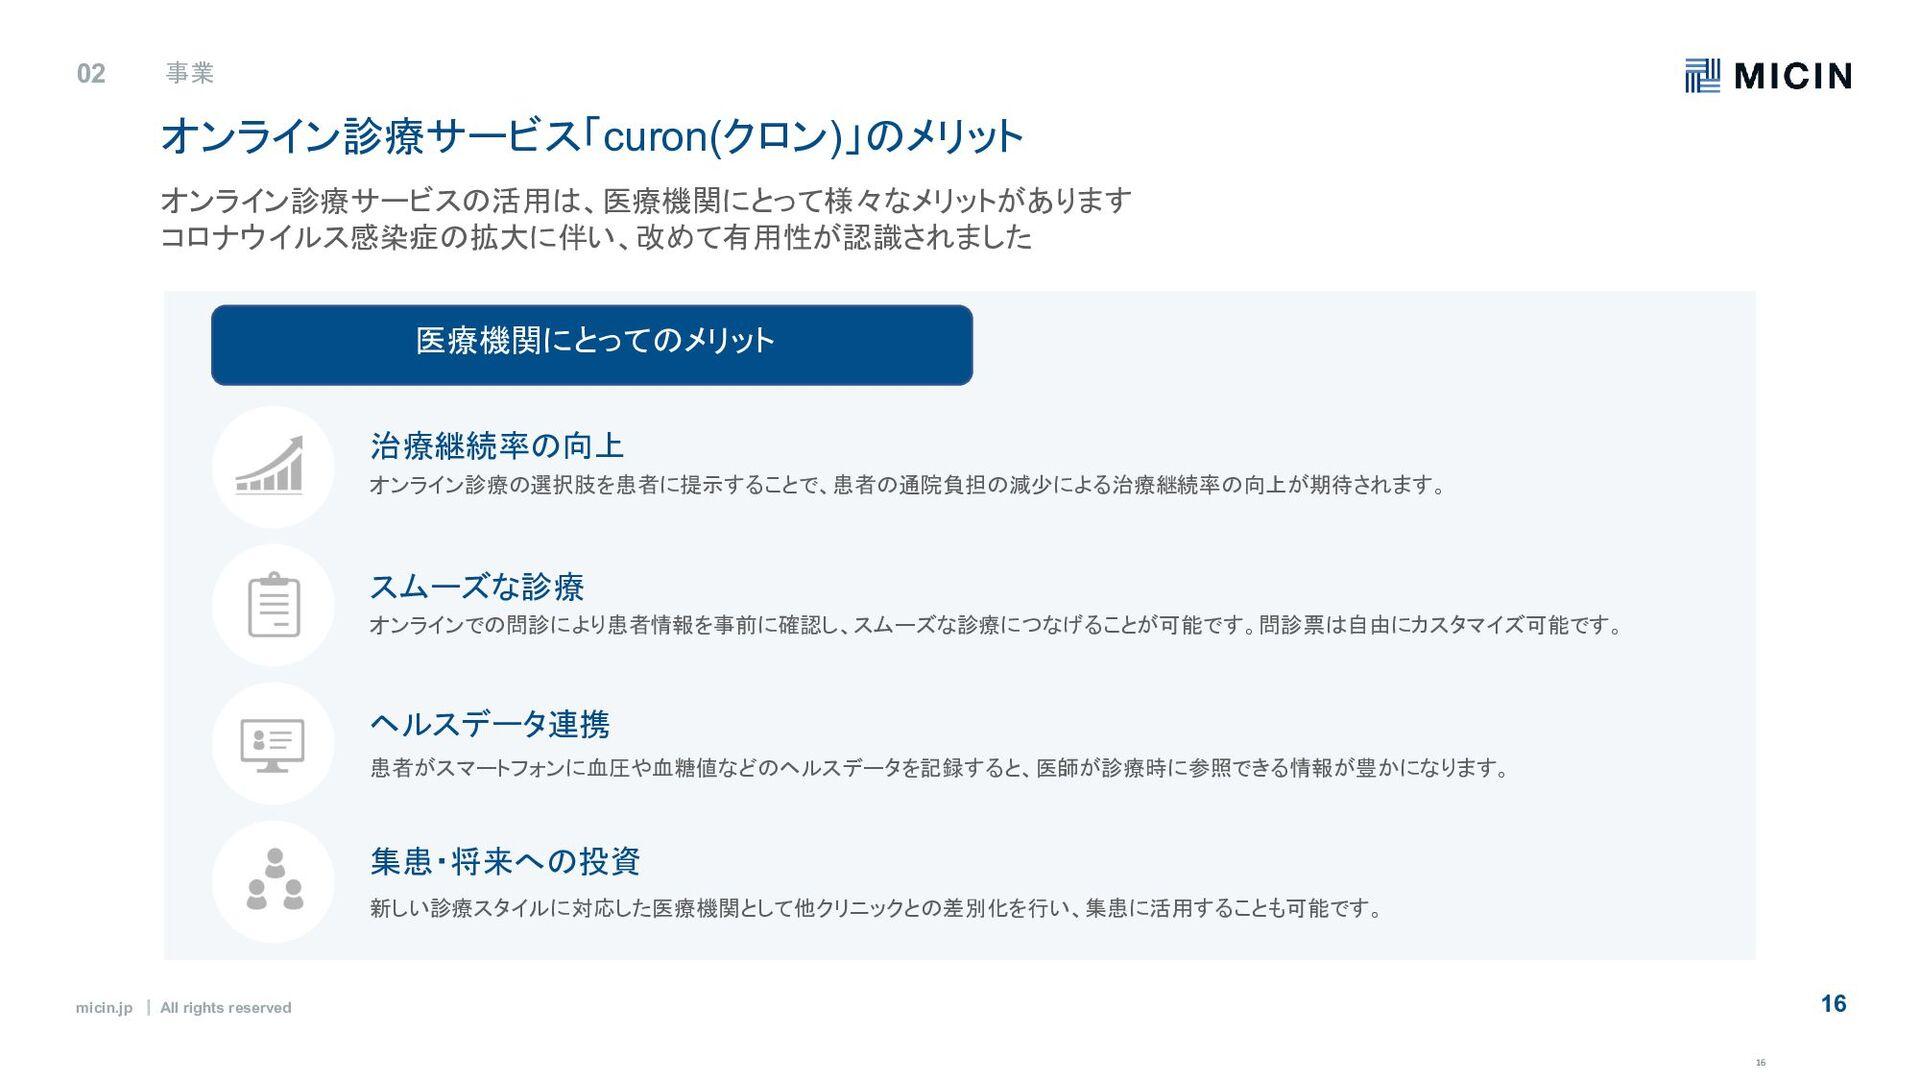 micin.jp ʛ All rights reserved 16 02 ۀ B U S I...